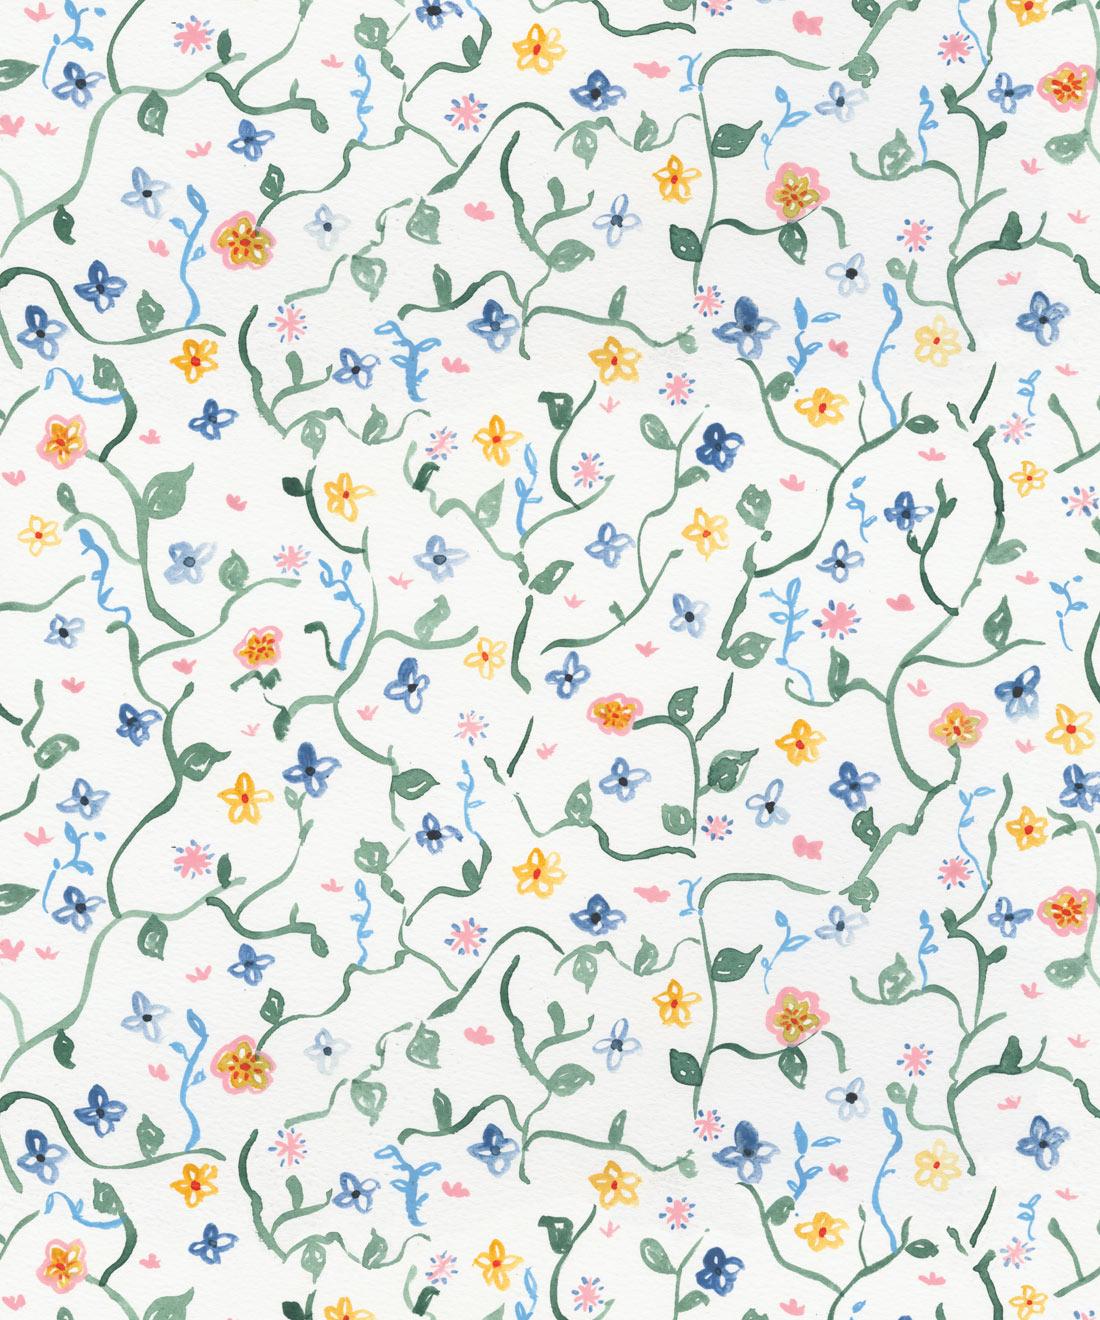 Wild Garden Wallpaper Abstract Floral Wallpaper Milton King